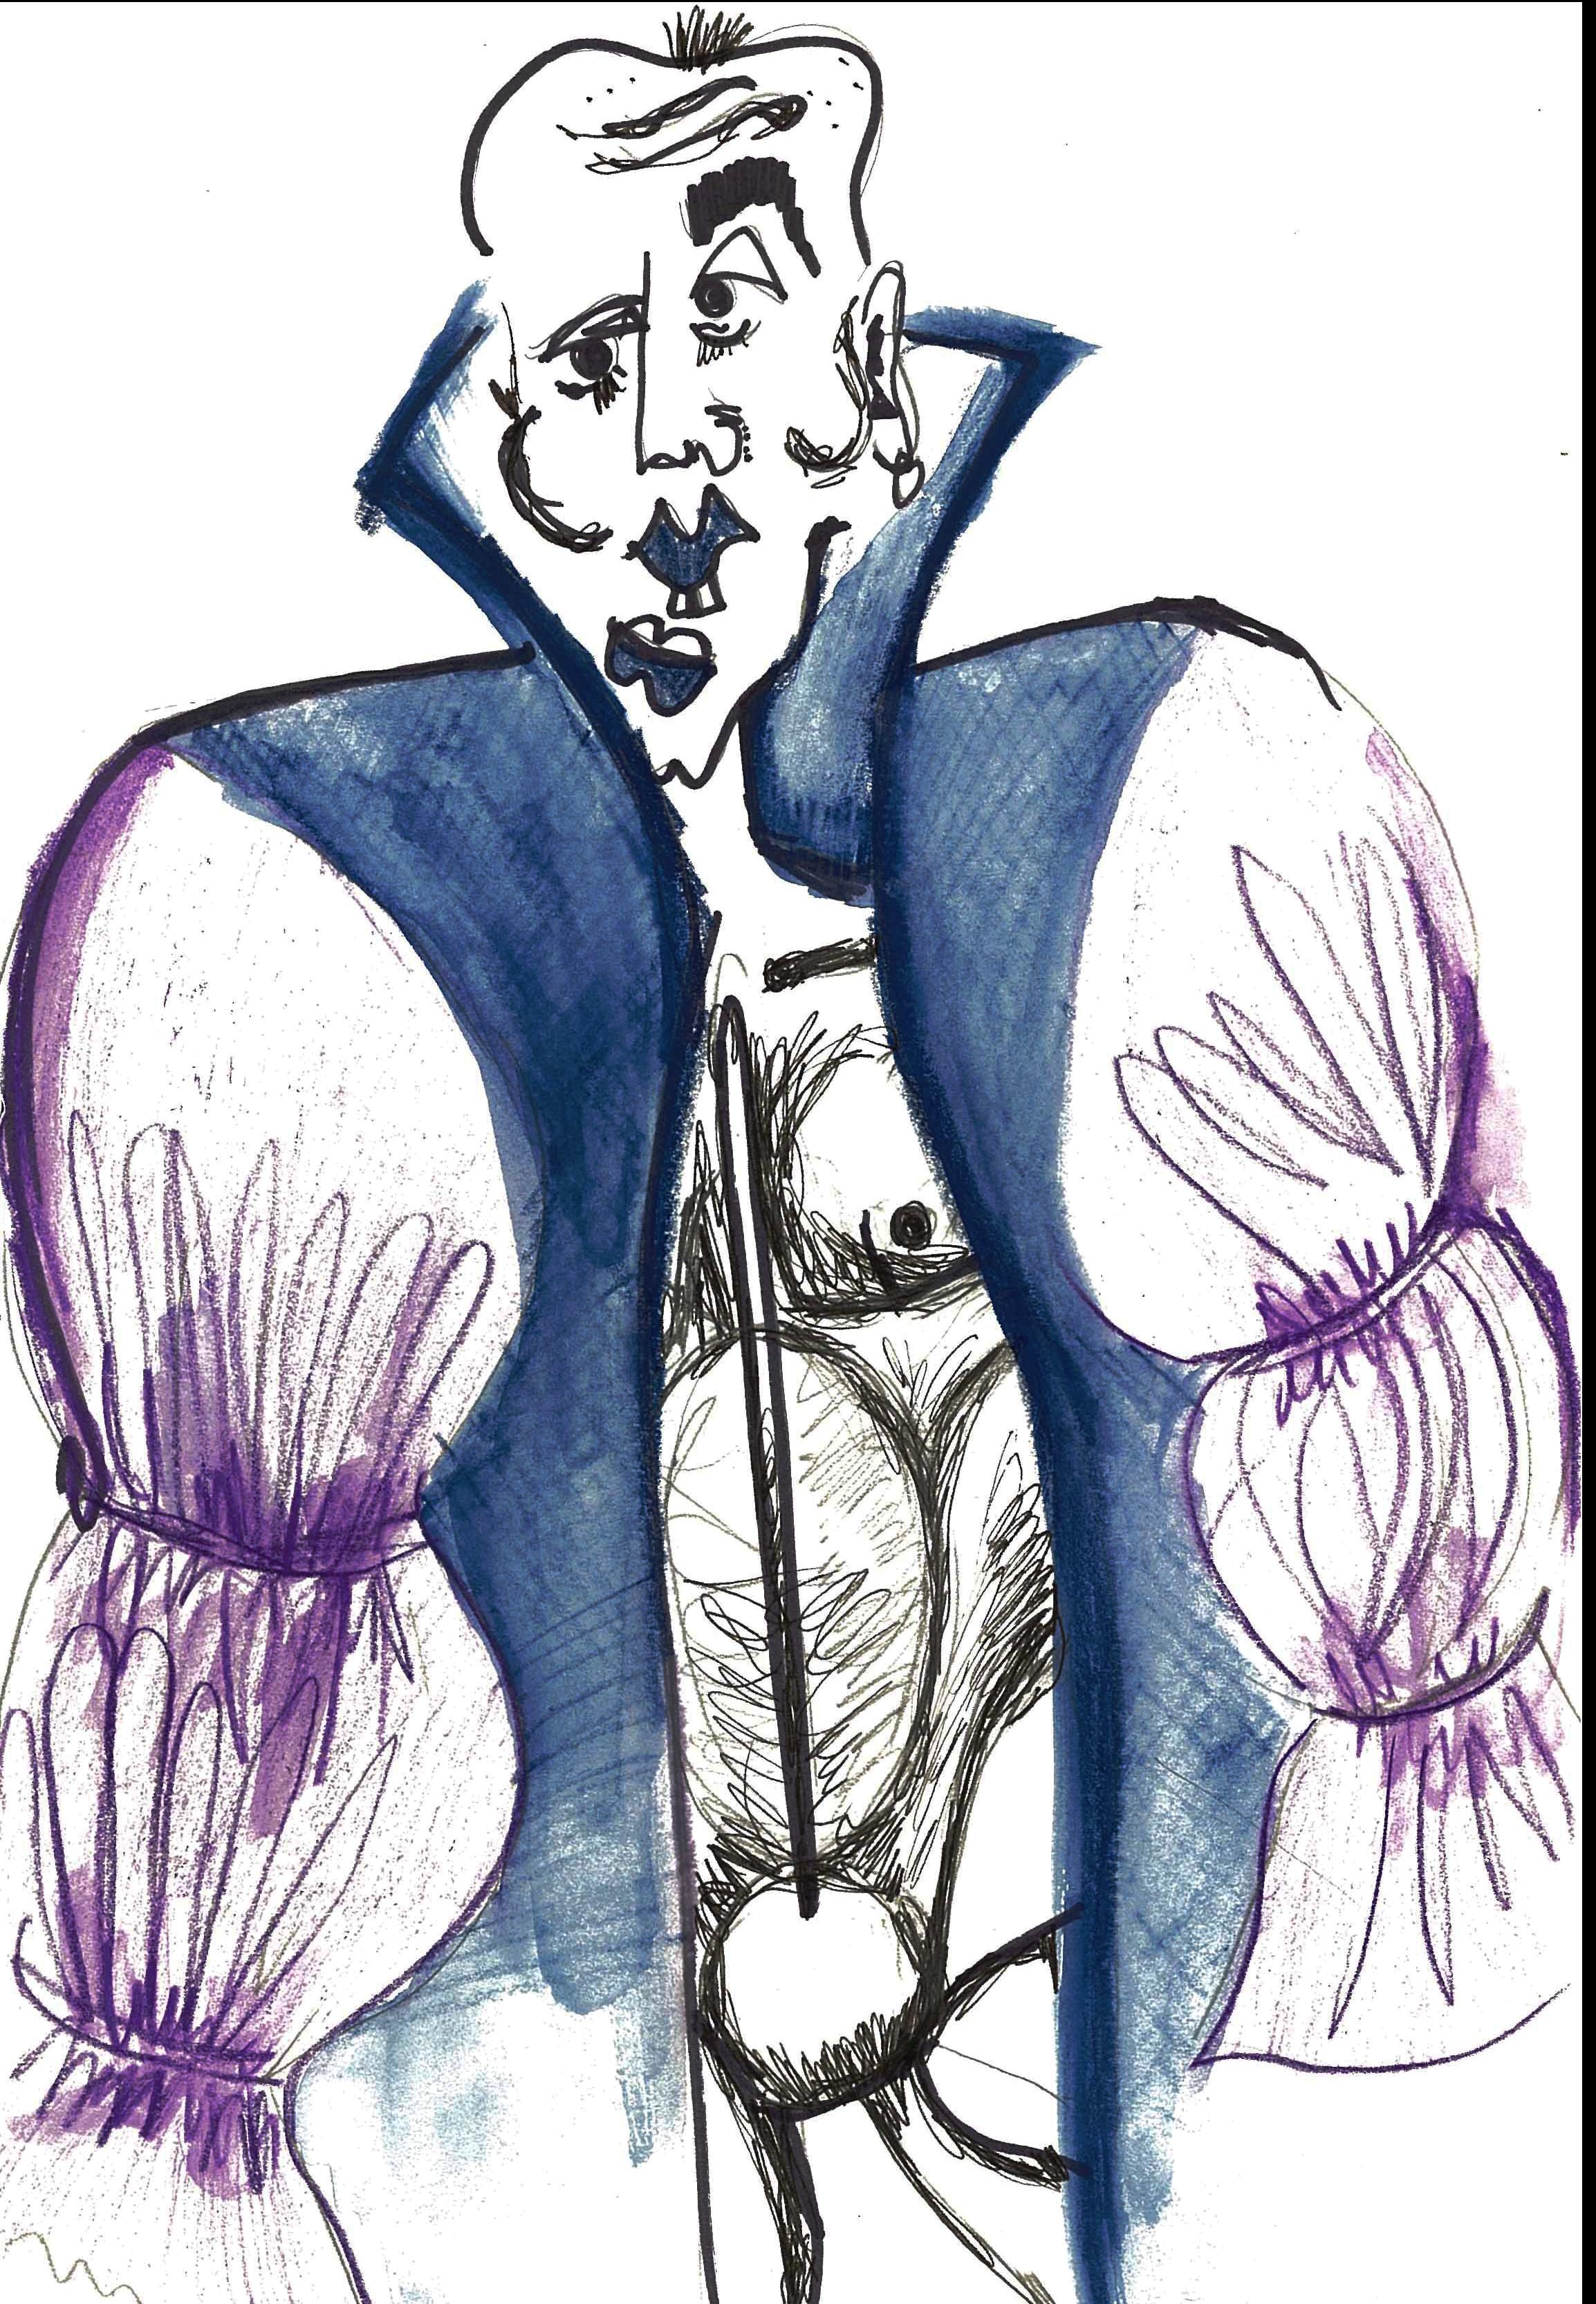 helatomic-illustration-012.png